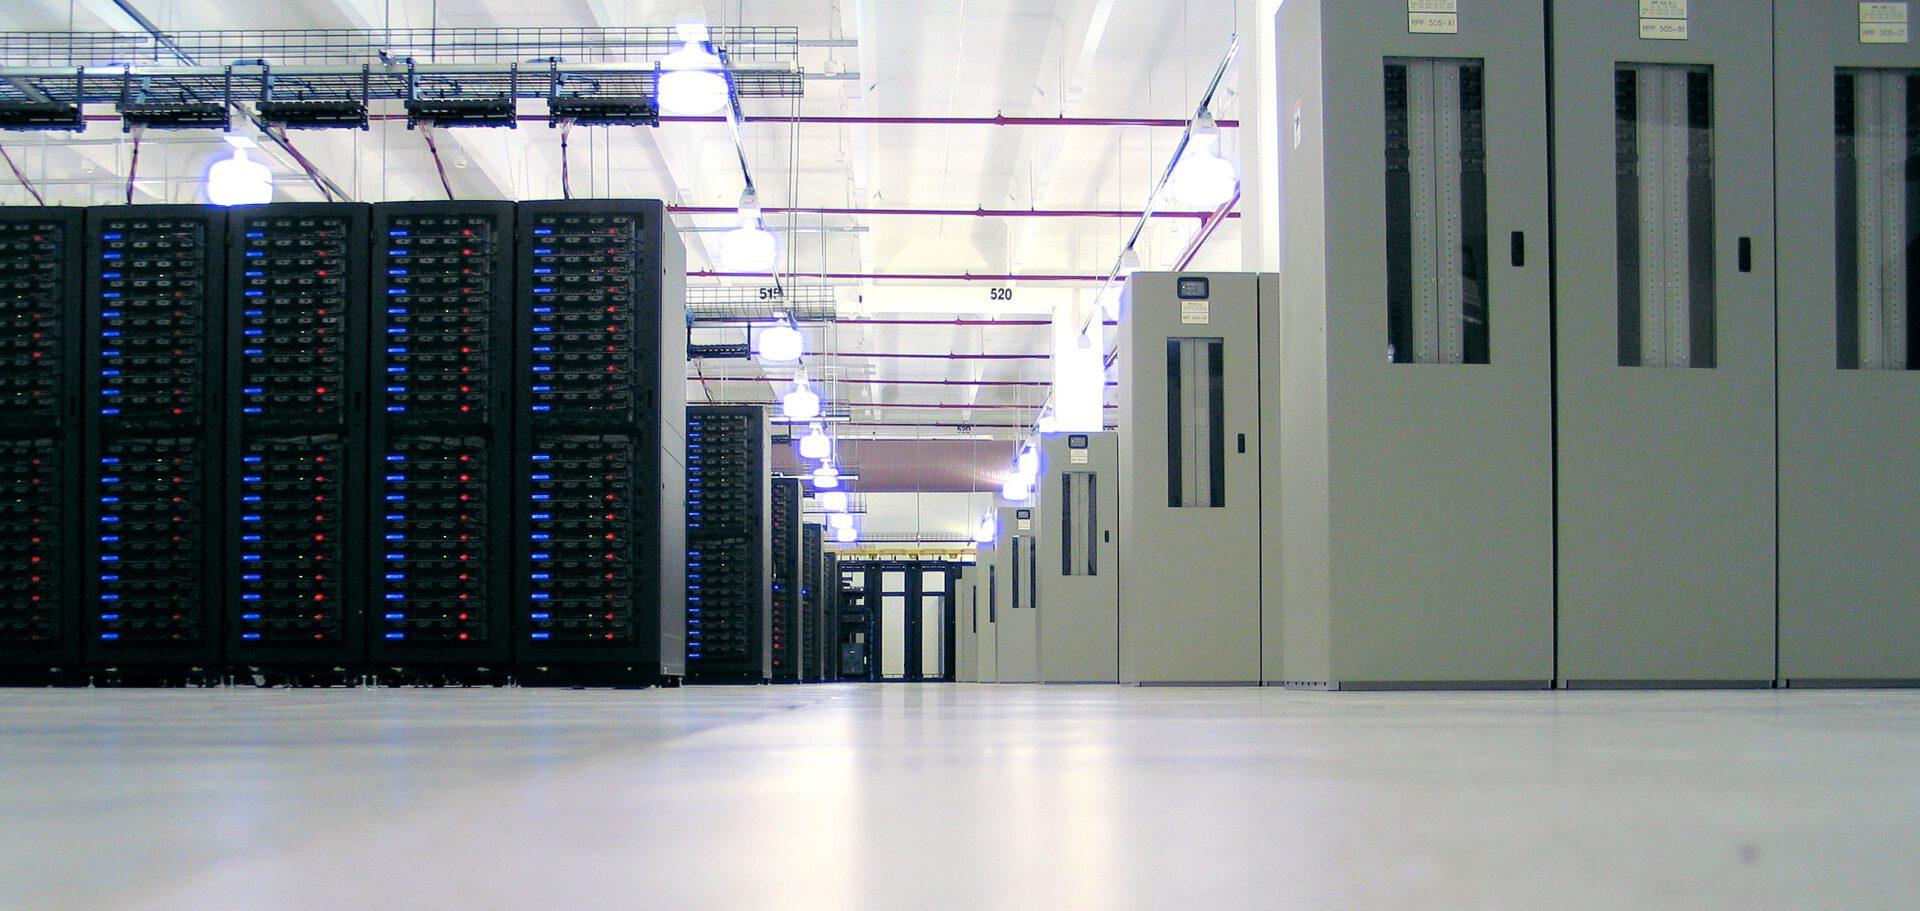 De ce a picat data center-ul ING. Explicațiile hardware și software